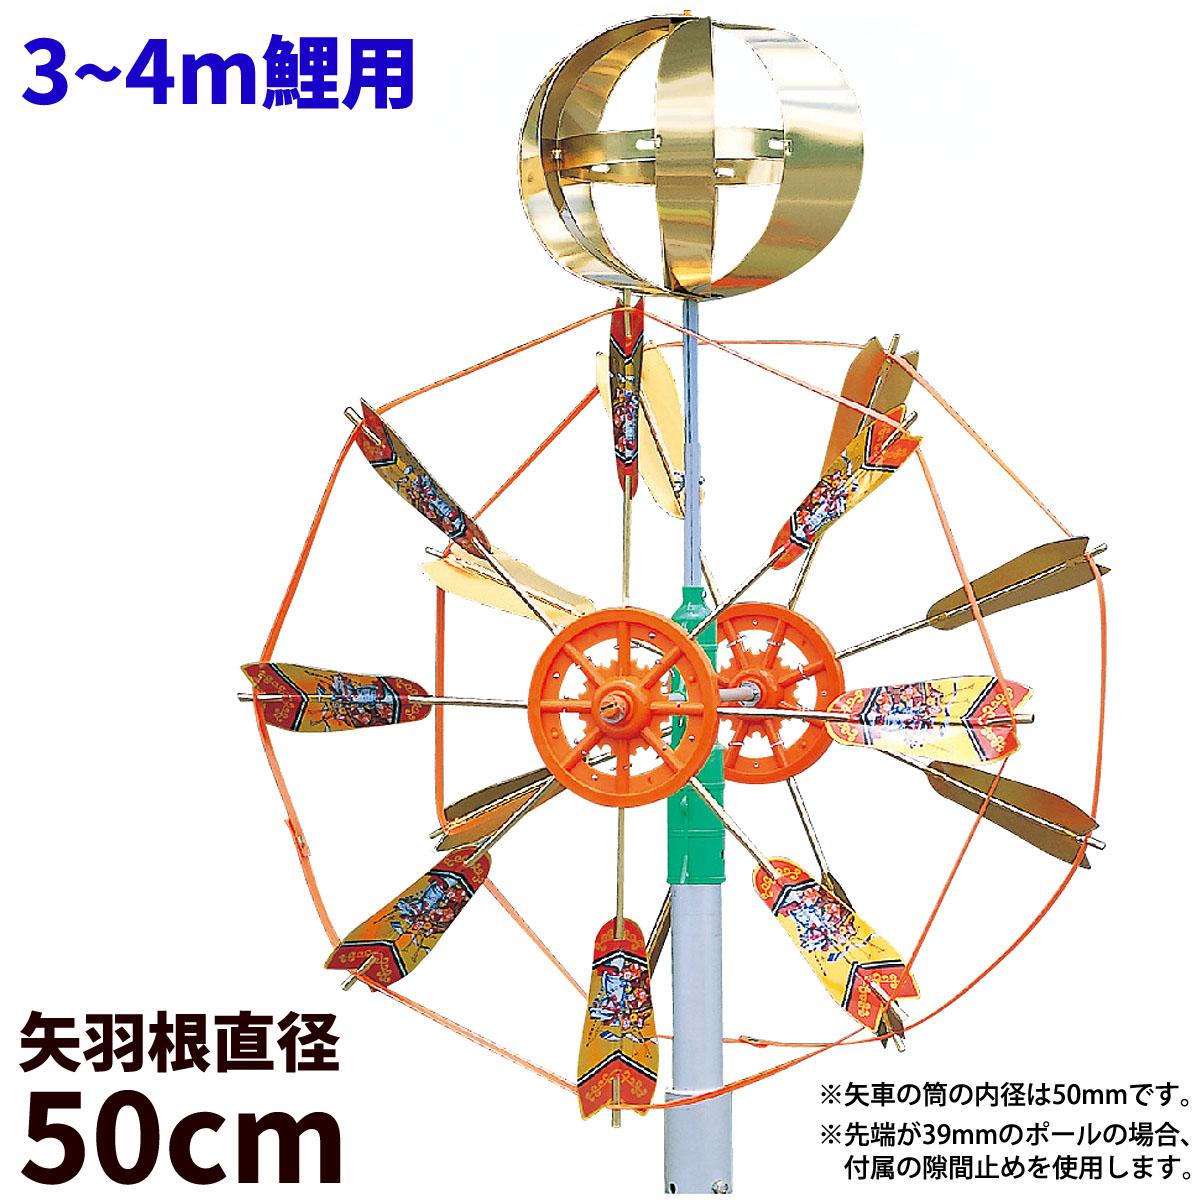 矢車セット 鯉のぼり用矢車 矢車セット小 3~4m鯉用